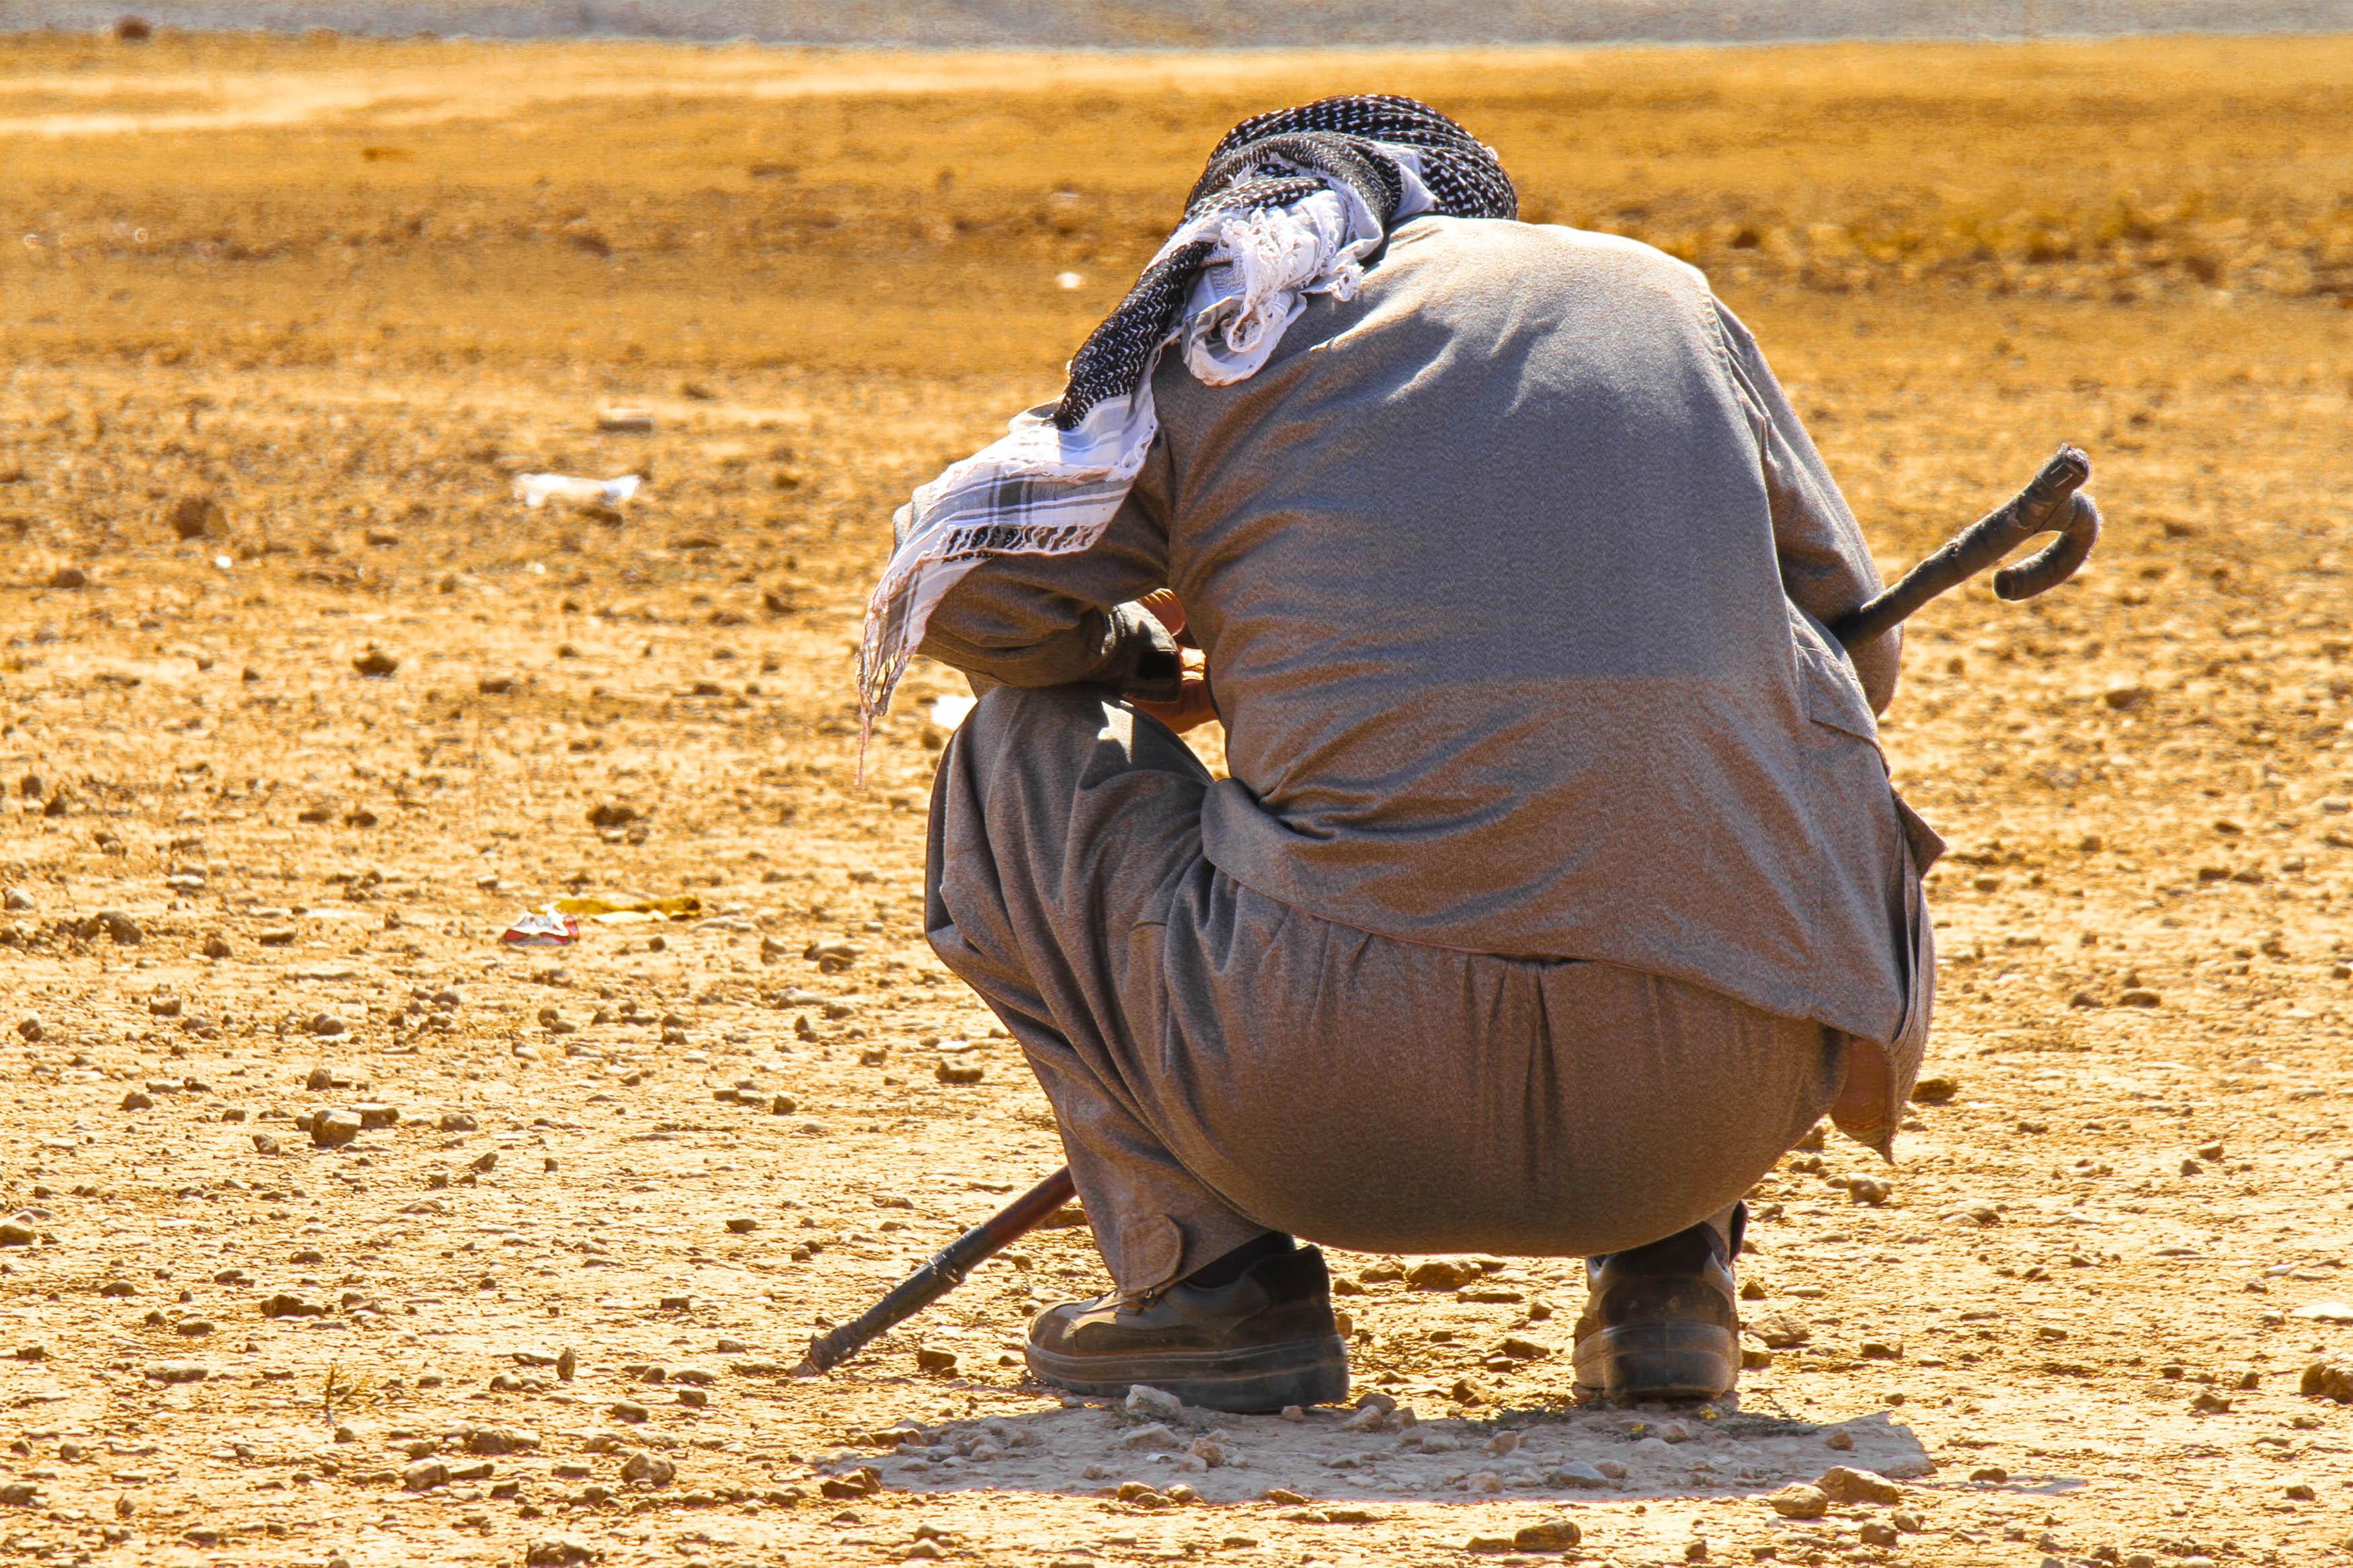 rezandorefugiado (1 de 1).jpg